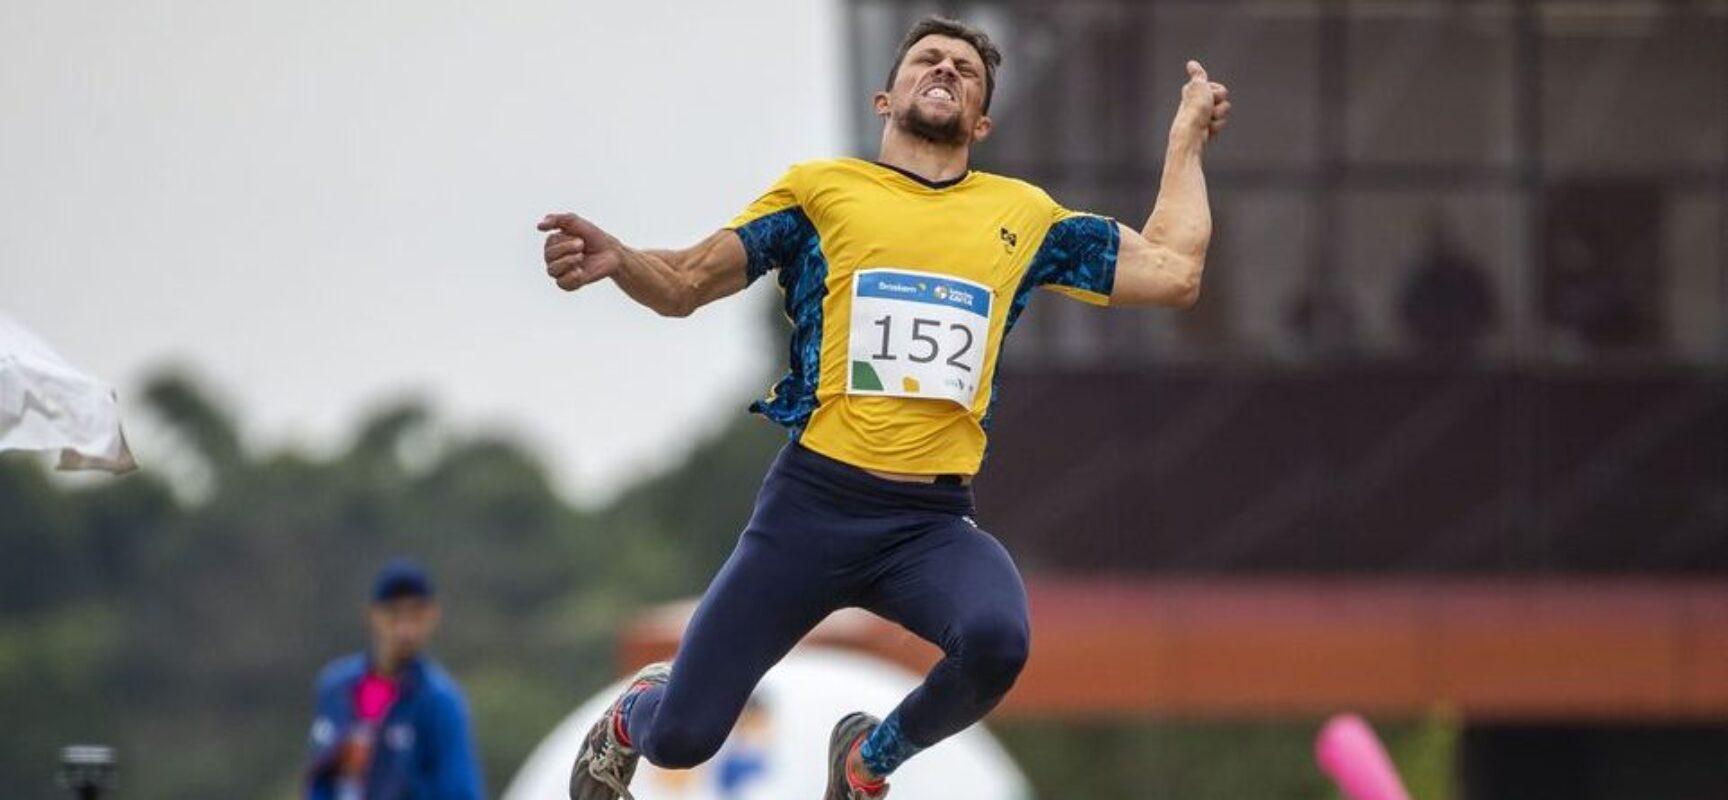 Coluna – Seletiva exigente marca reta final do atletismo paralímpico